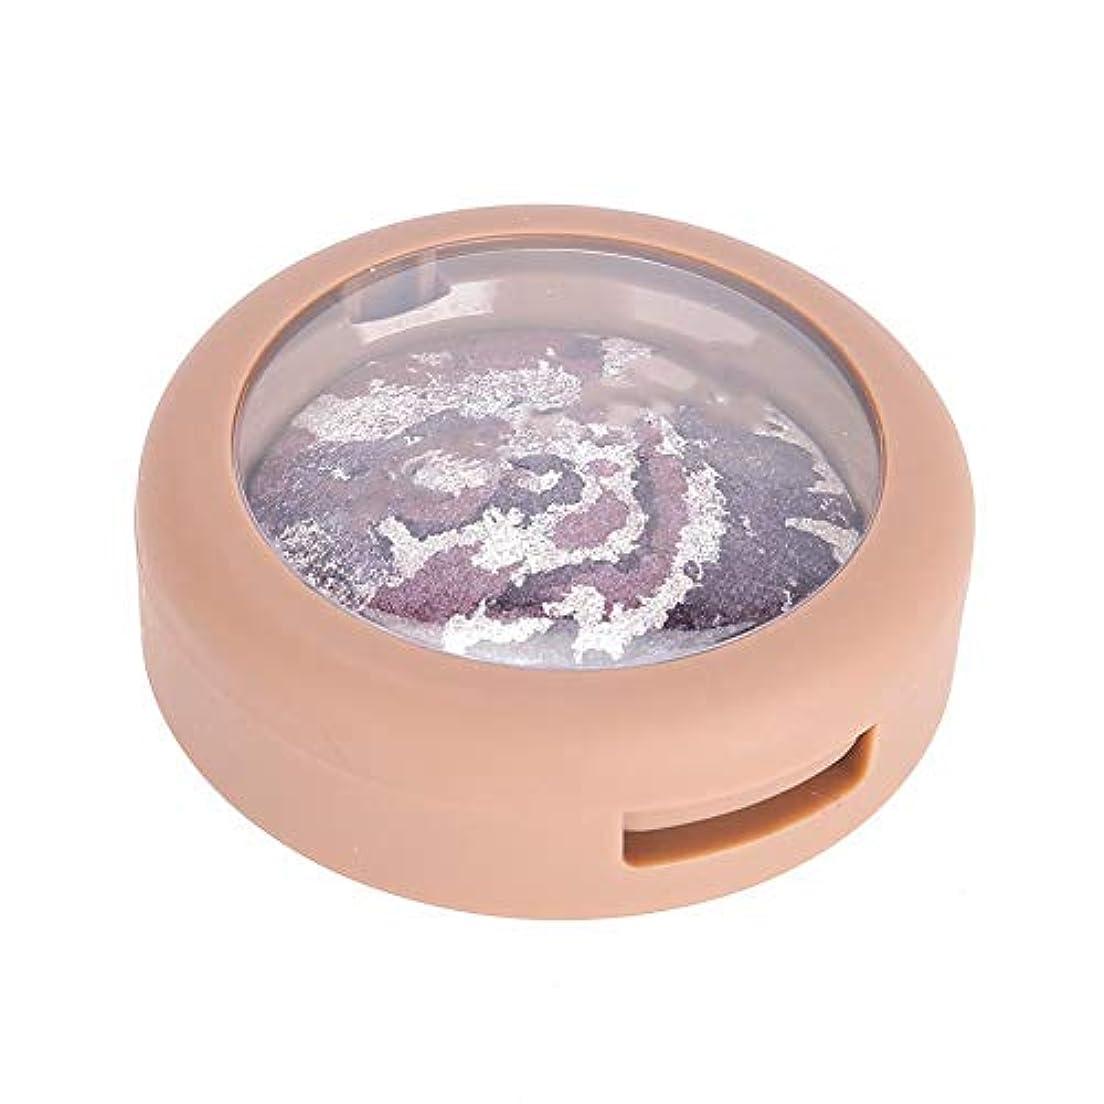 素朴な電気メロディアスセクシーなエレガントなアイシャドウシャイニングアイシャドーアイ化粧品パウダー防水性と耐汗性4.2グラム(6#)